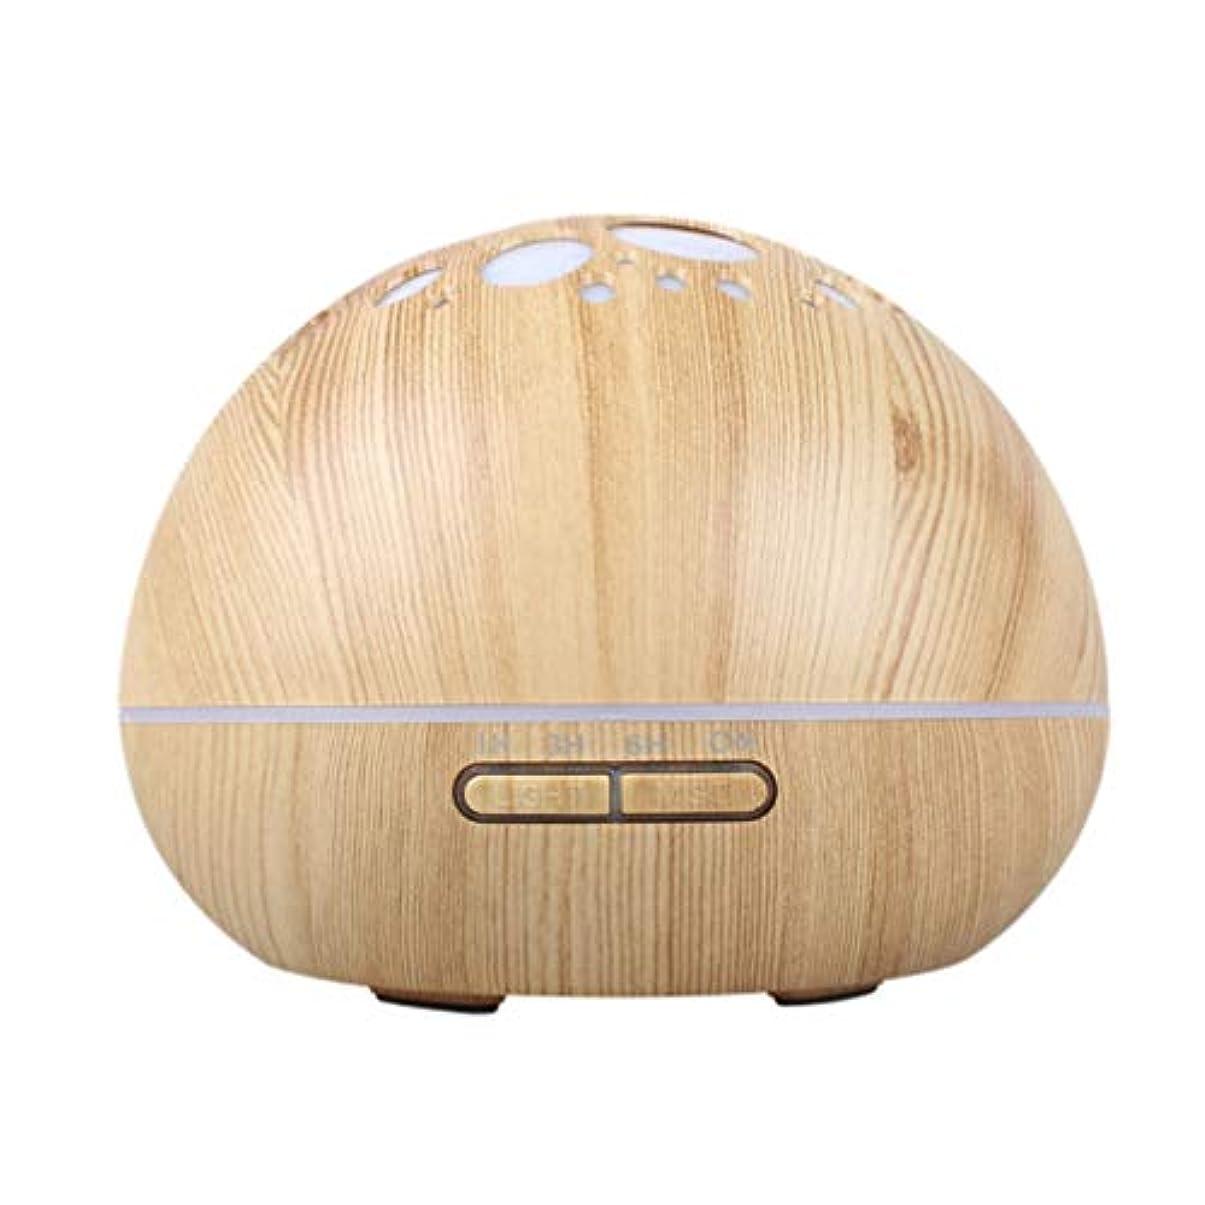 ワーディアンケース品種ハウスUonlytech 1pc Aromatherapy Diffuser Durable High Quality Mute Essential Oil Diffuser Humidifier for Bedroom Office